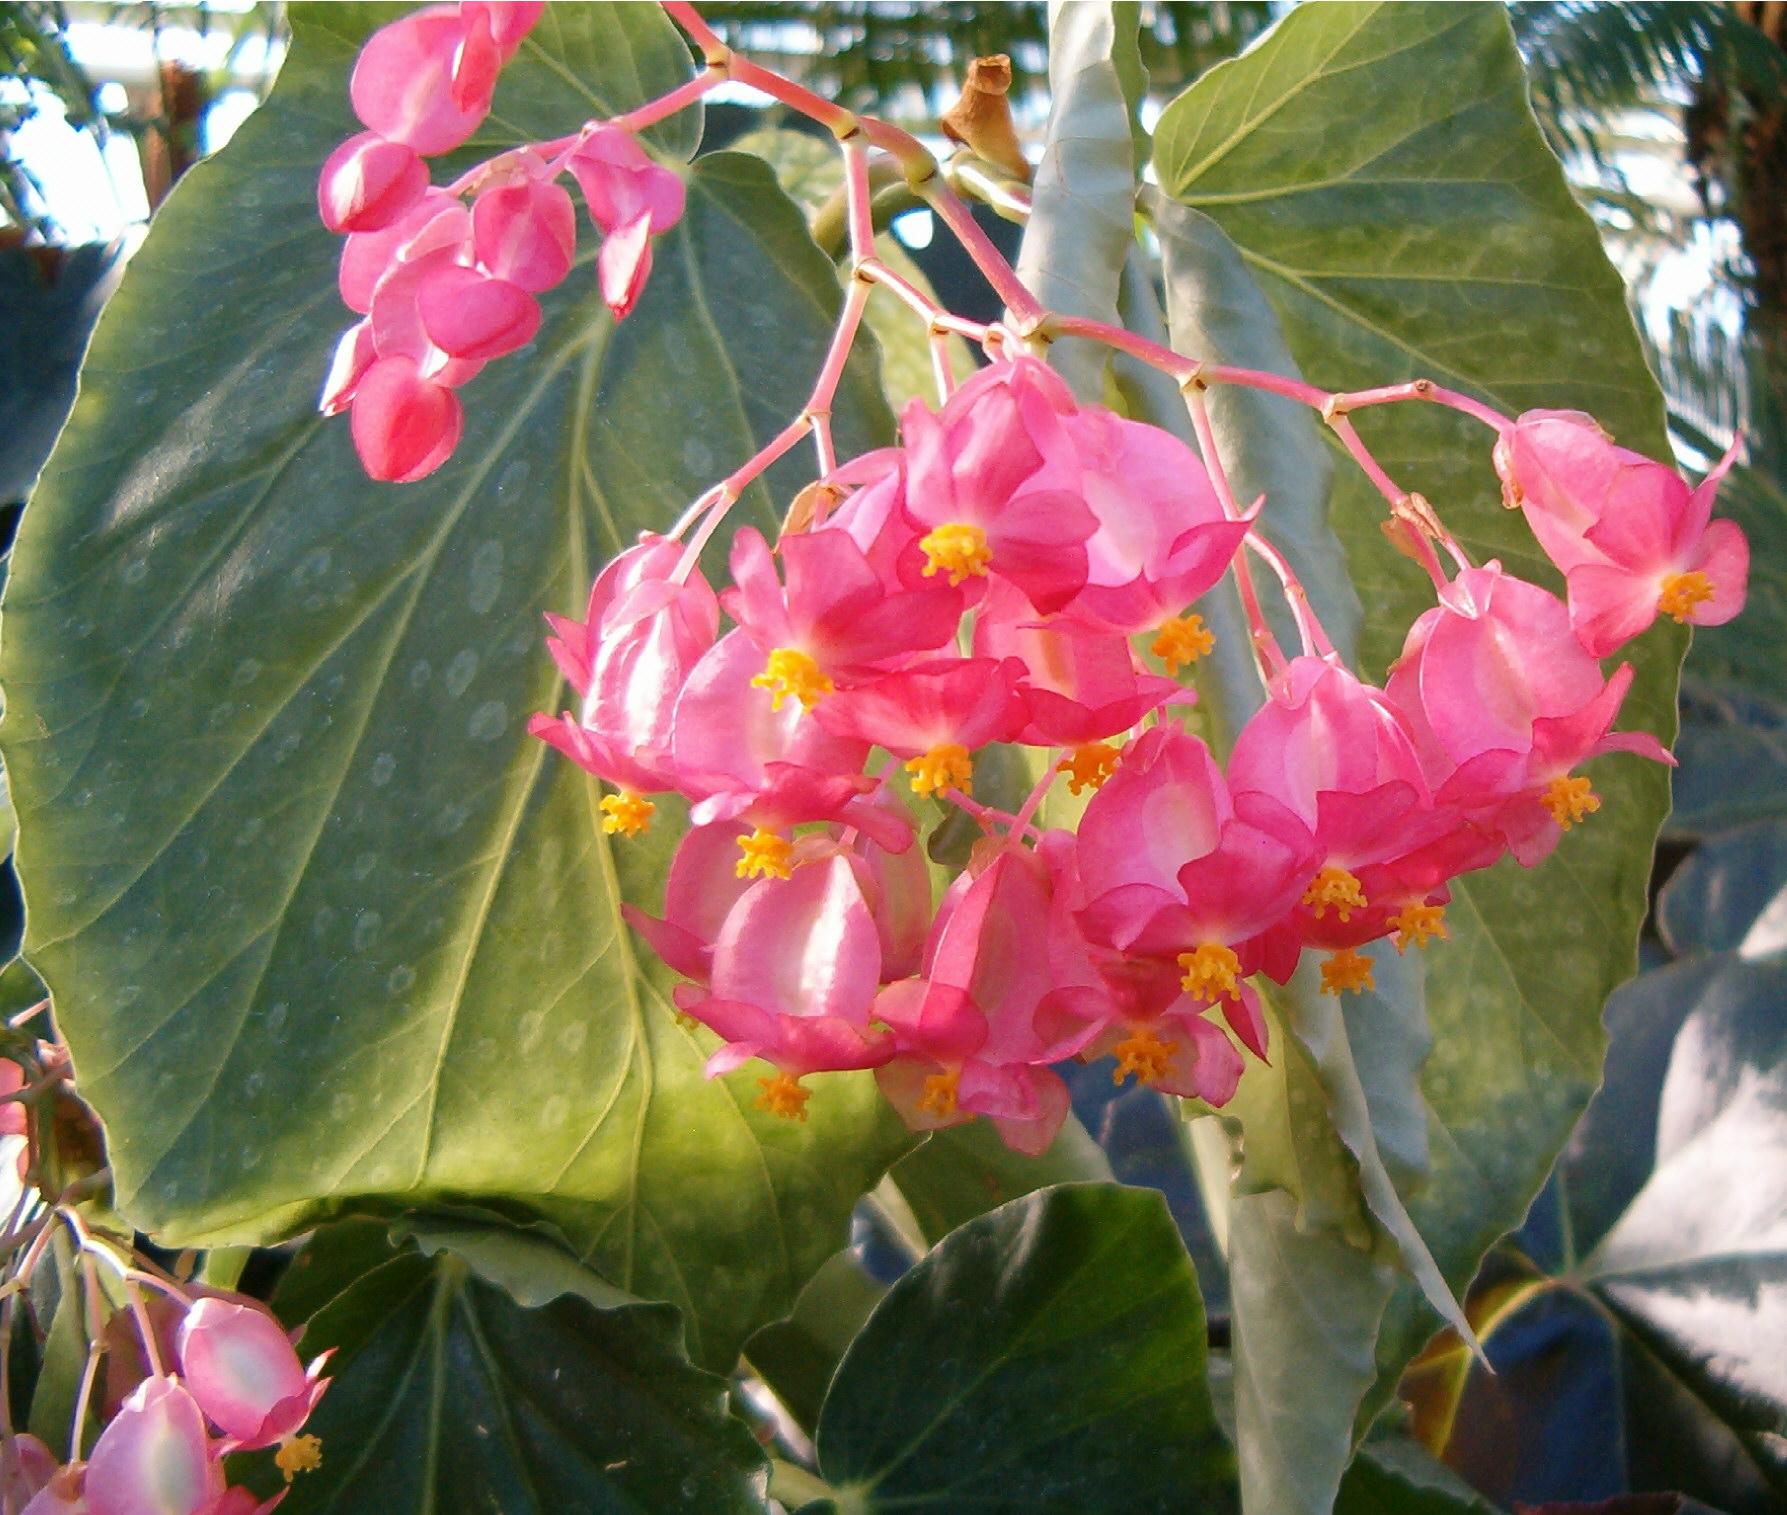 Cora Fleur Exterieur Decorative